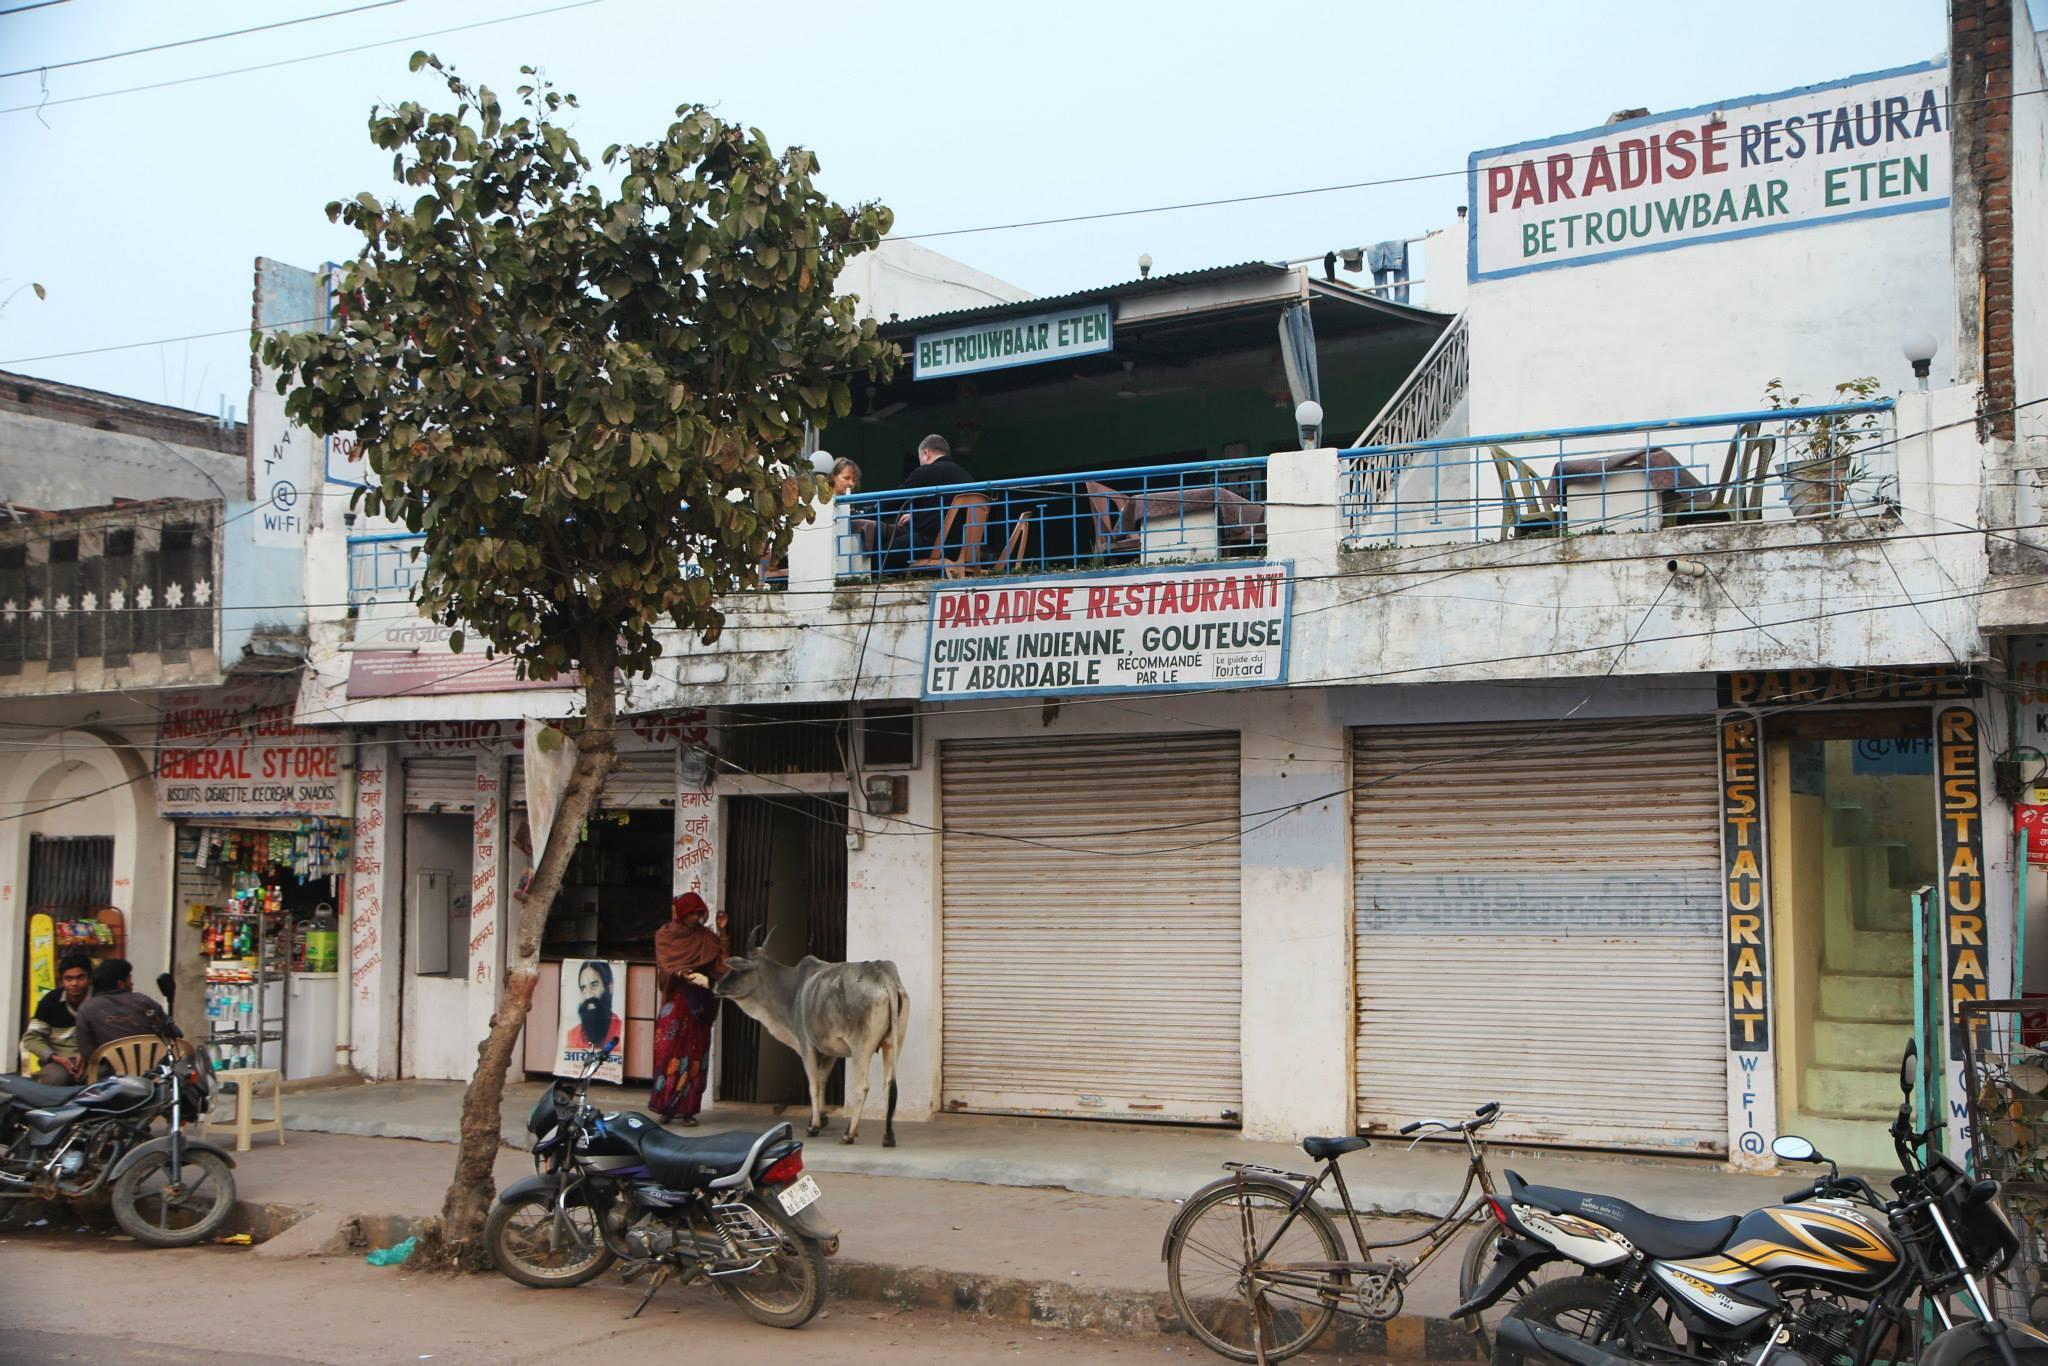 'Betrouwbaar eten' in Khajuraho, zou het echt?